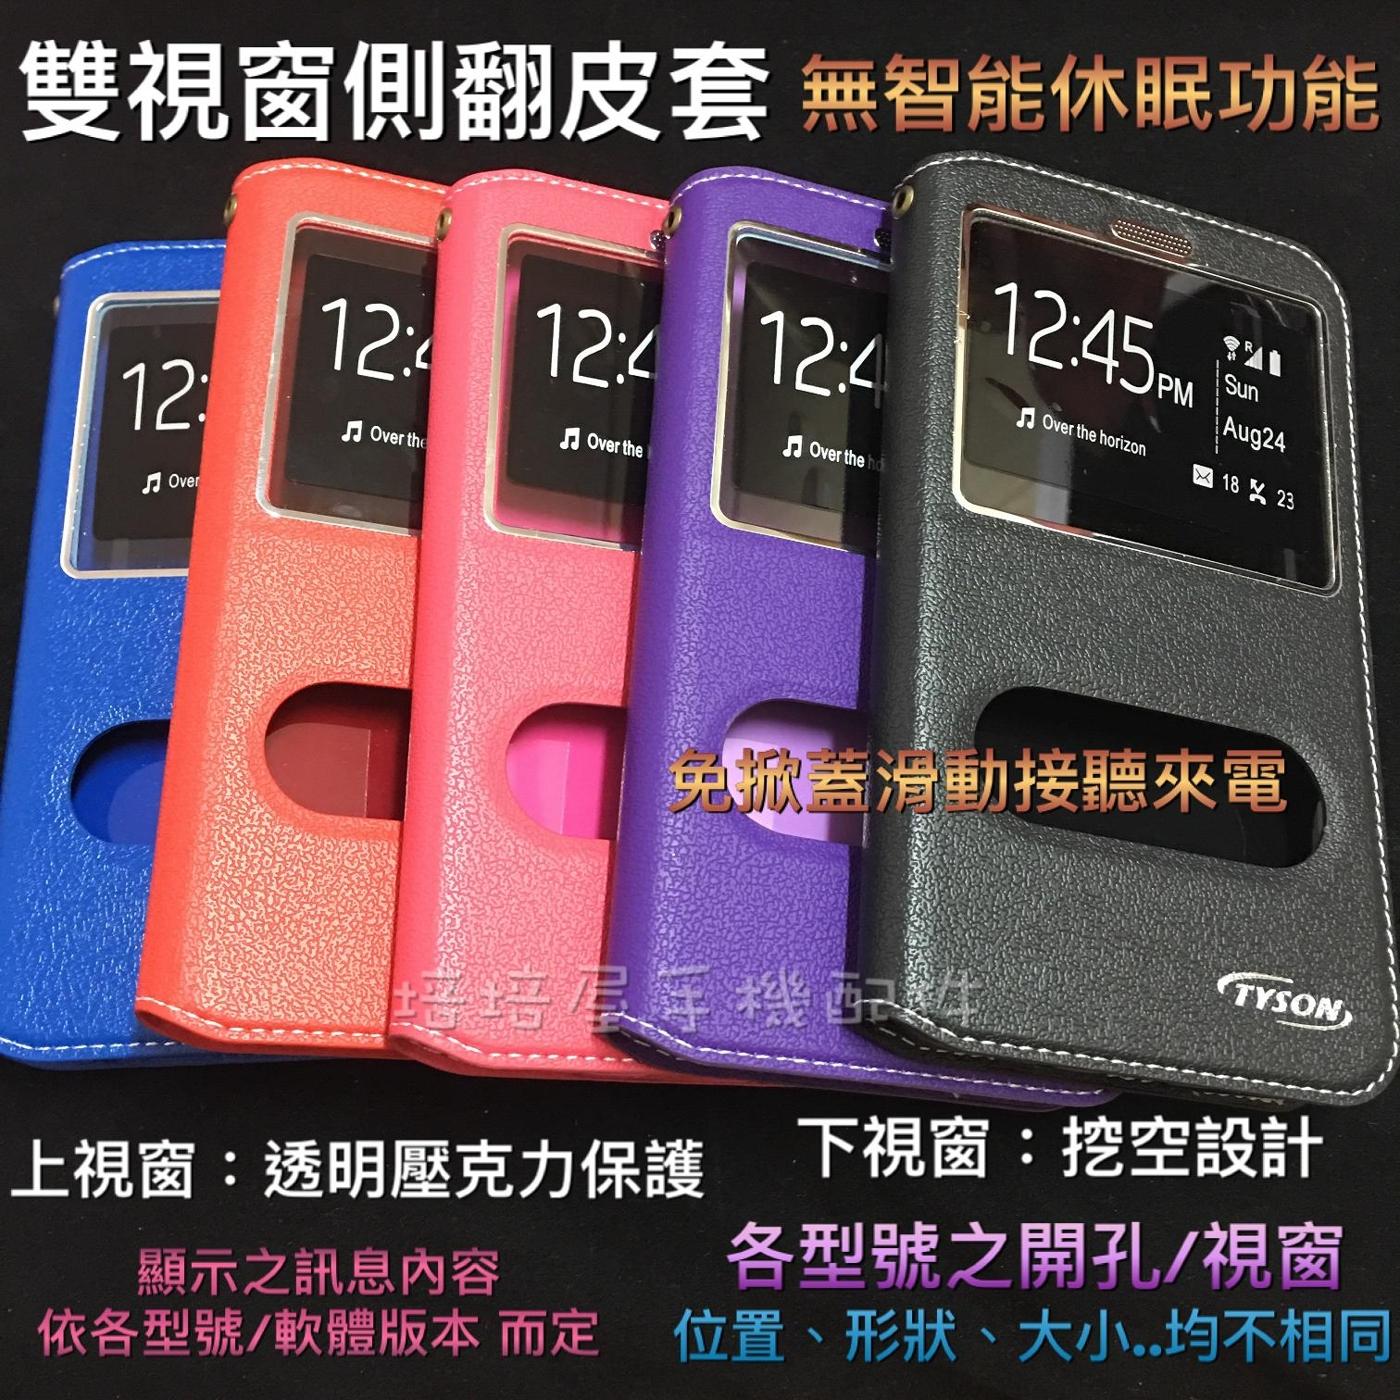 ASUS X00ADA ZenFone Go ZB500KL雙視窗小隱扣無扣側掀翻皮套免掀蓋接聽手機套保護殼書本套視窗套